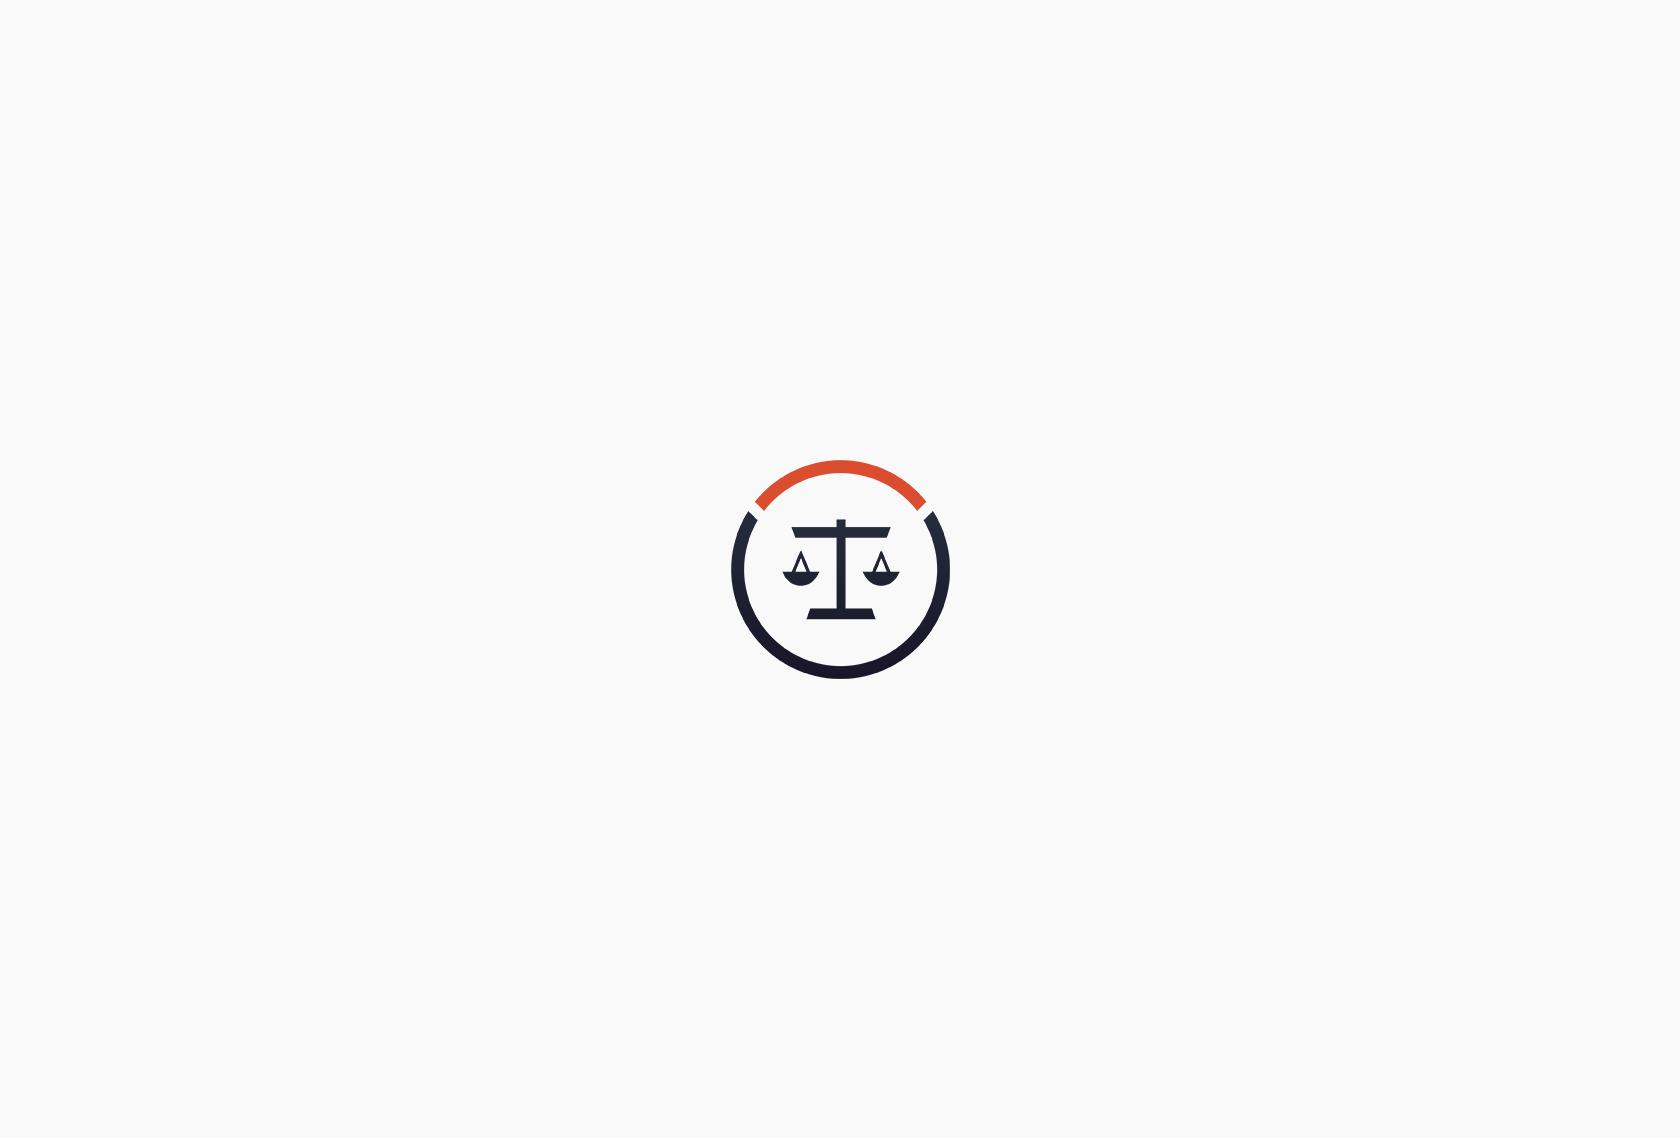 Legal Bridge Icon - Legal Bridge (Branding) - Creative Digital